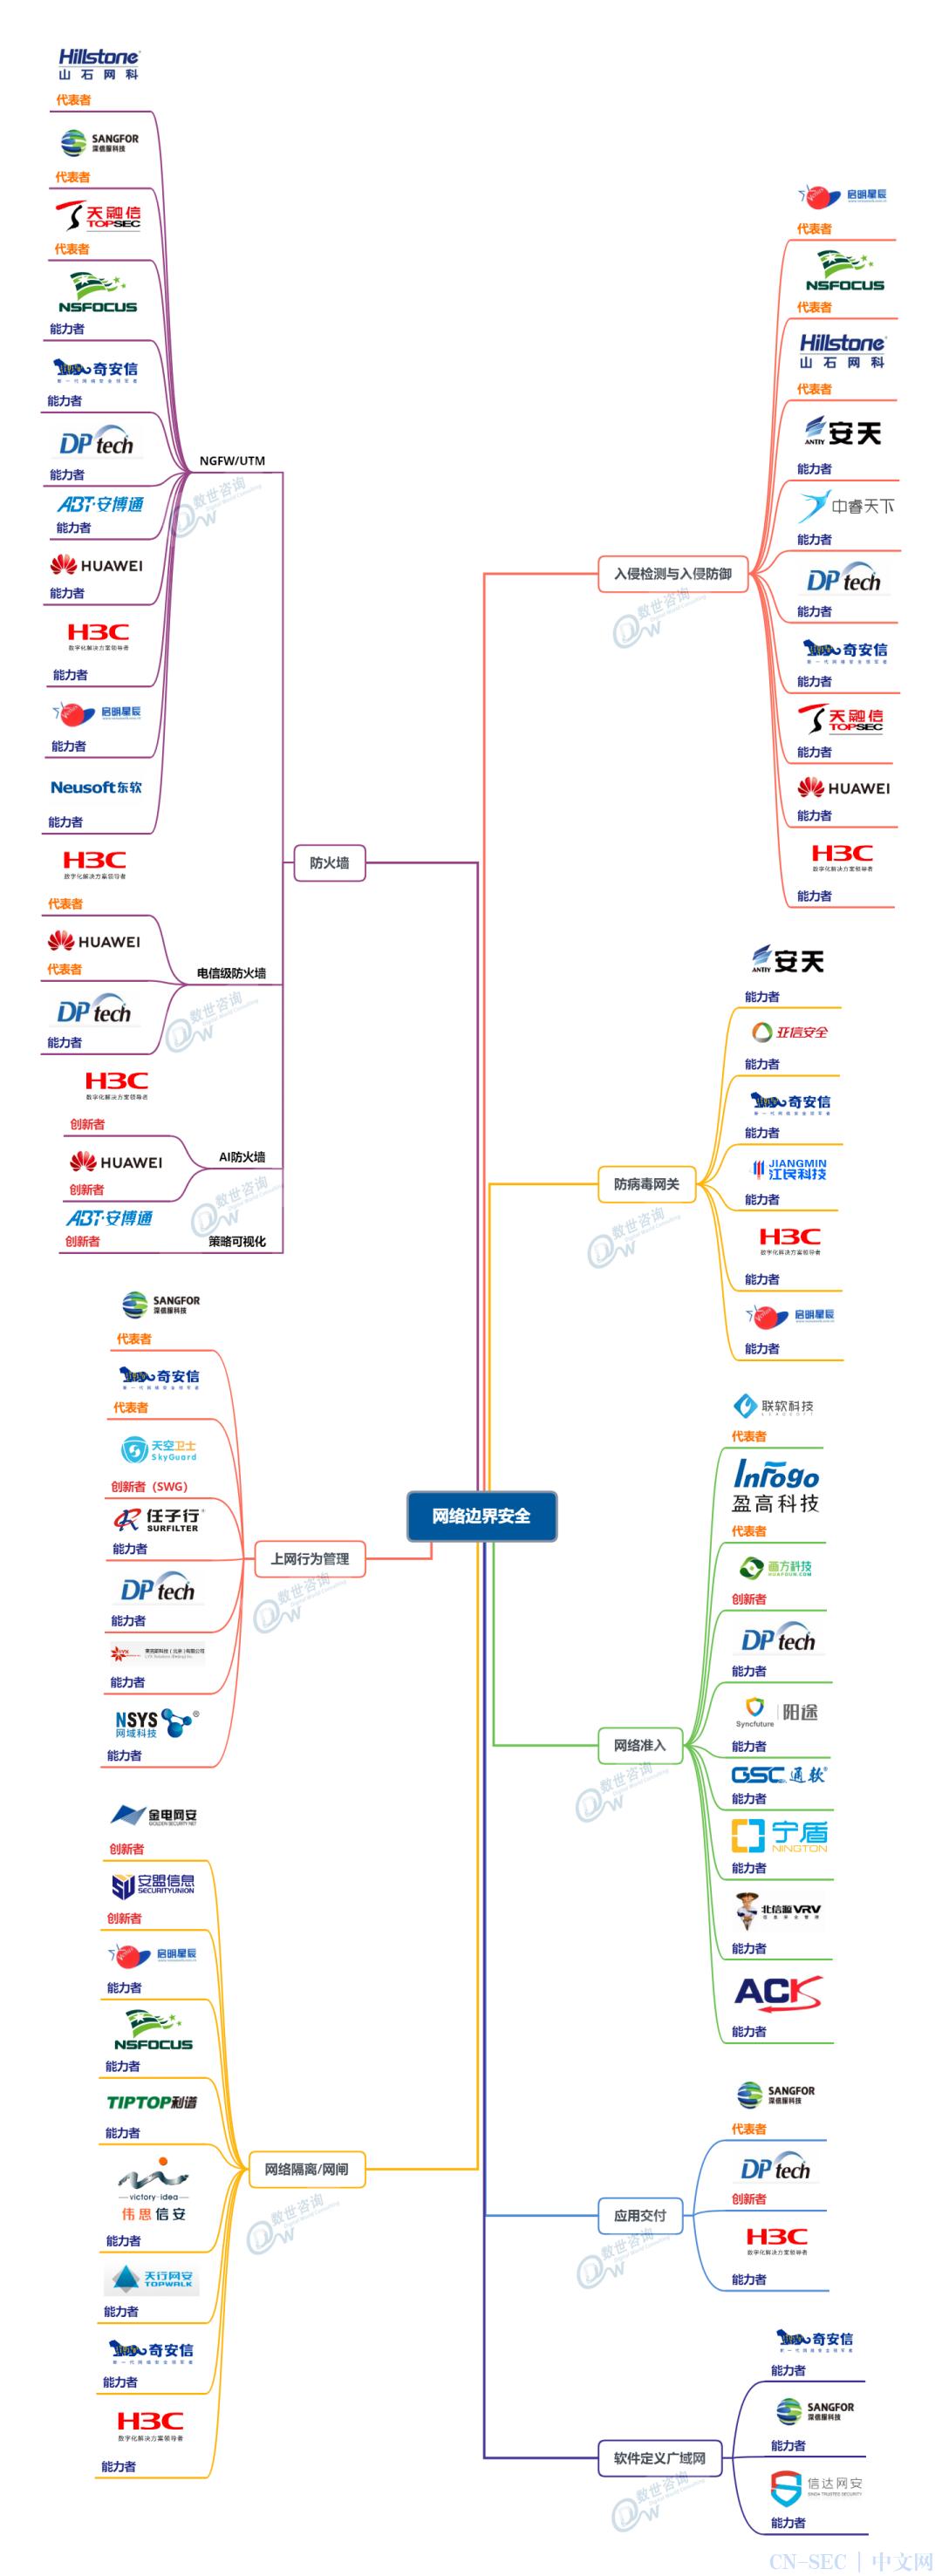 2020年度中国网络安全能力图谱